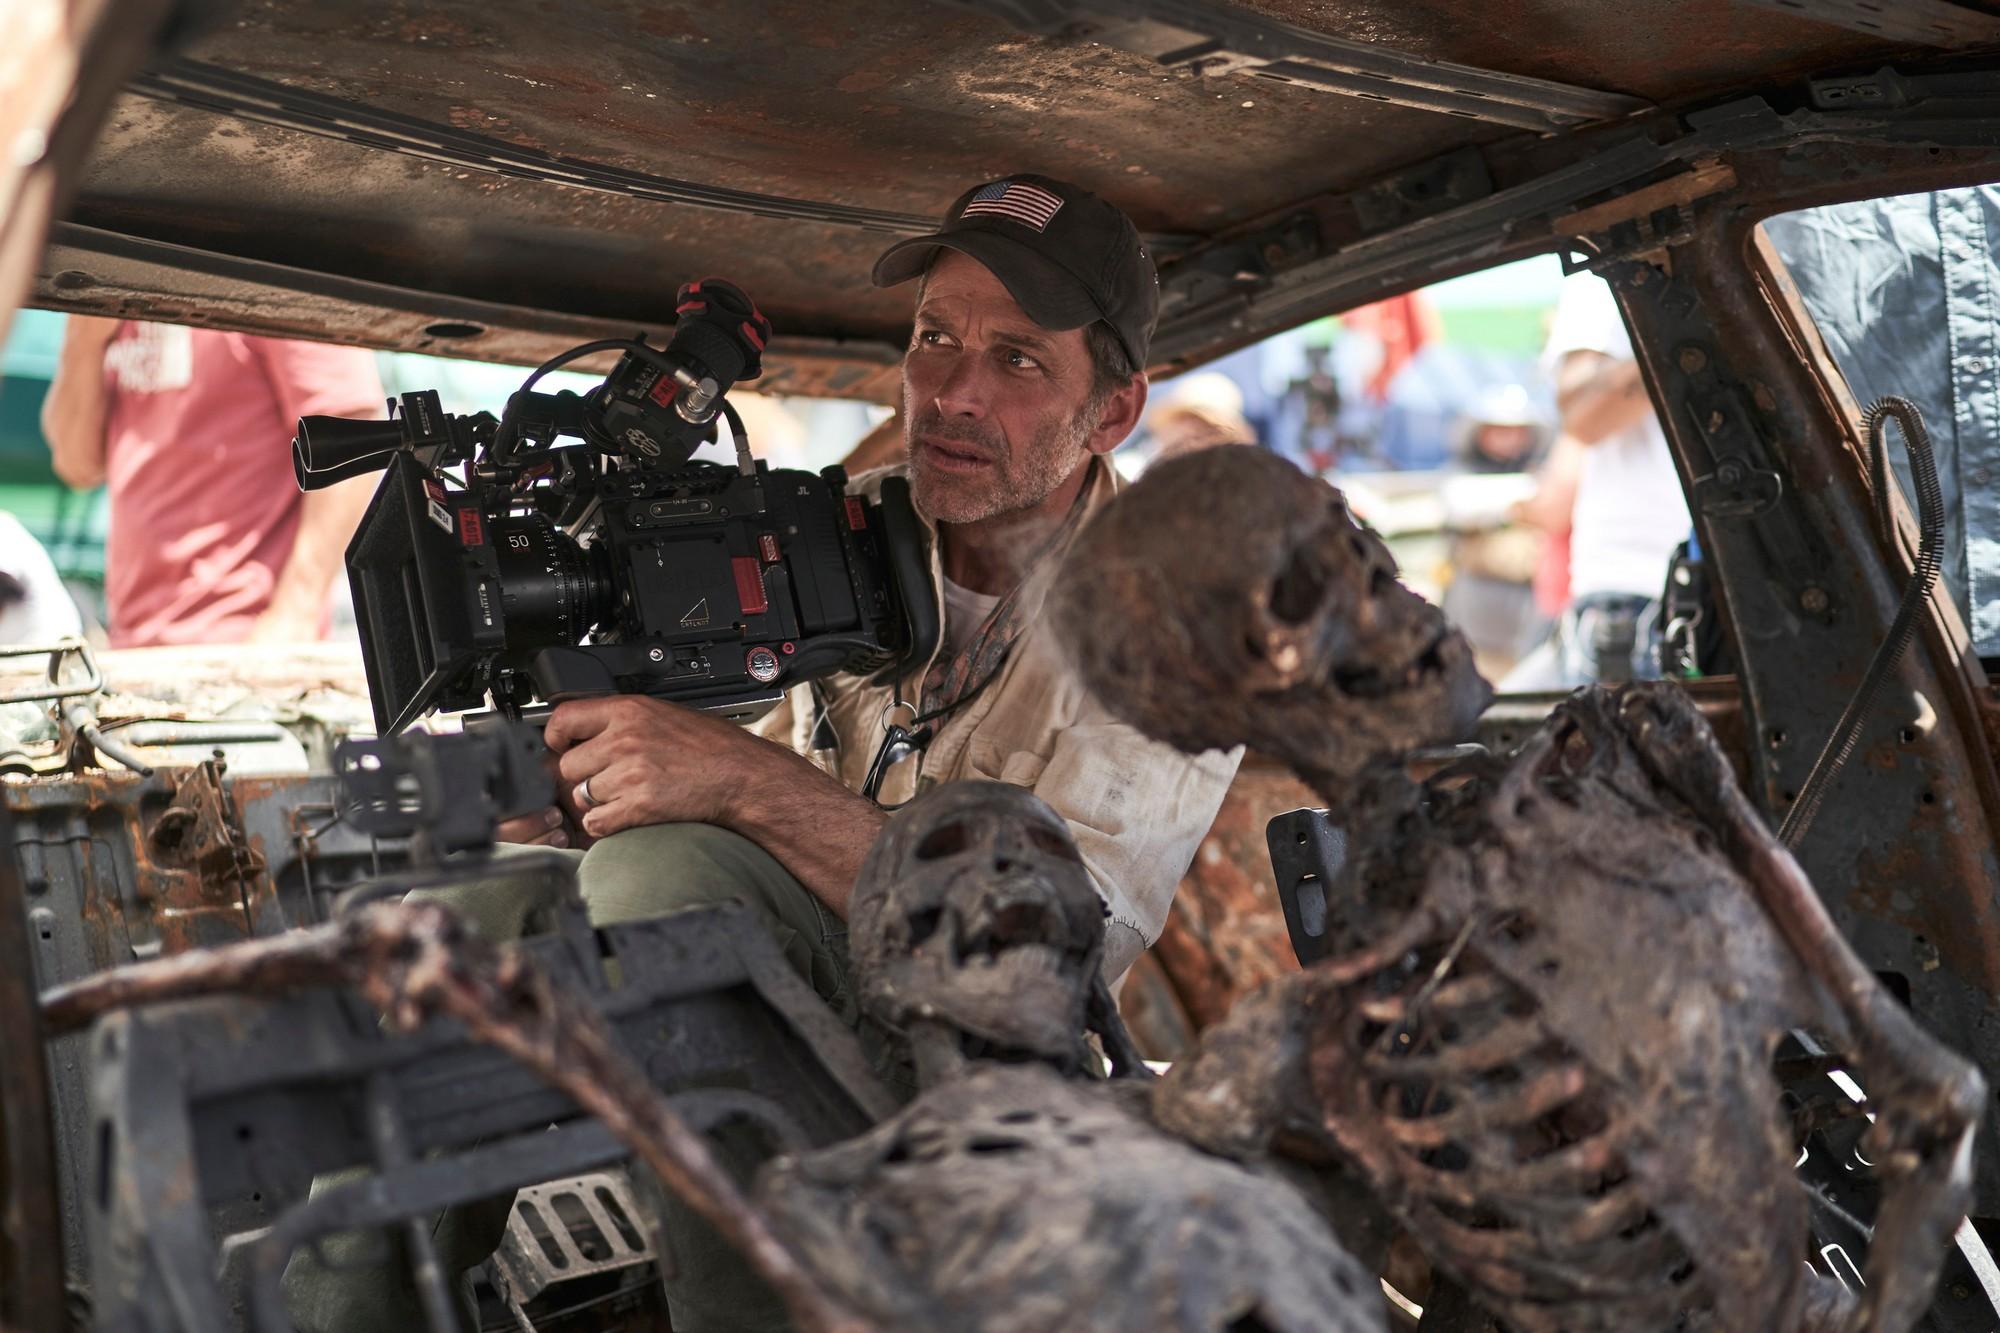 Вышел полноценный трейлер зомби-боевика «Армия мертвецов» / «Army of the  Dead» Зака Снайдера с Дэйвом Батистой в главной роли - ITC.ua